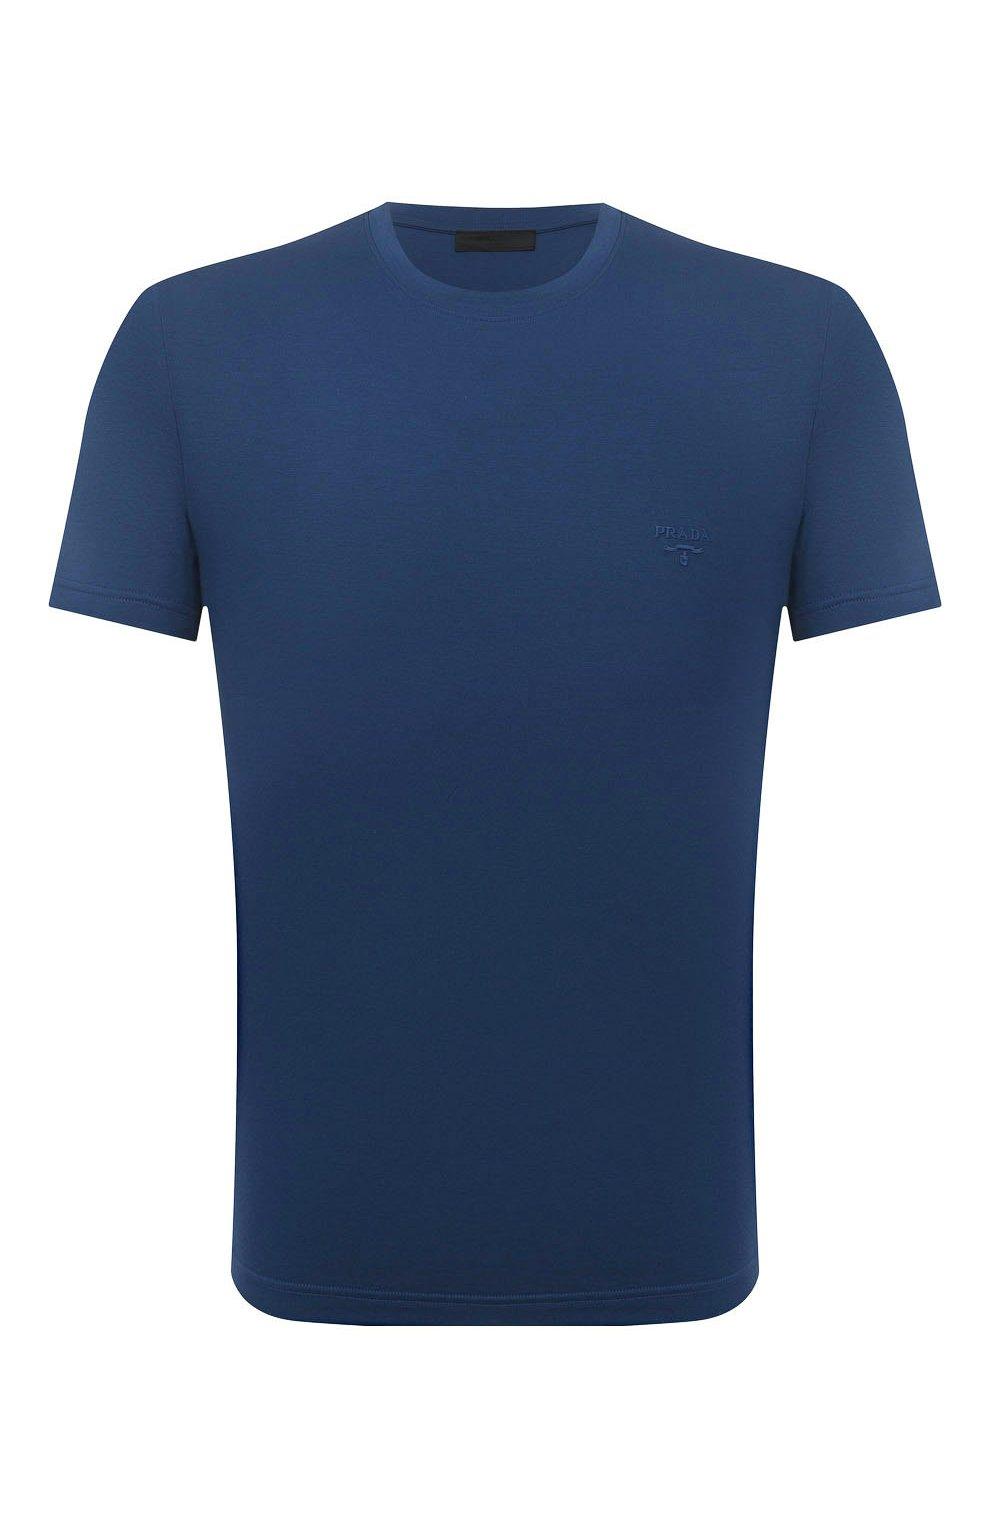 Мужская хлопковая футболка PRADA синего цвета, арт. UJM564-1UOR-F0AFC-092   Фото 1 (Принт: Без принта; Рукава: Короткие; Длина (для топов): Стандартные; Материал внешний: Хлопок; Стили: Кэжуэл)